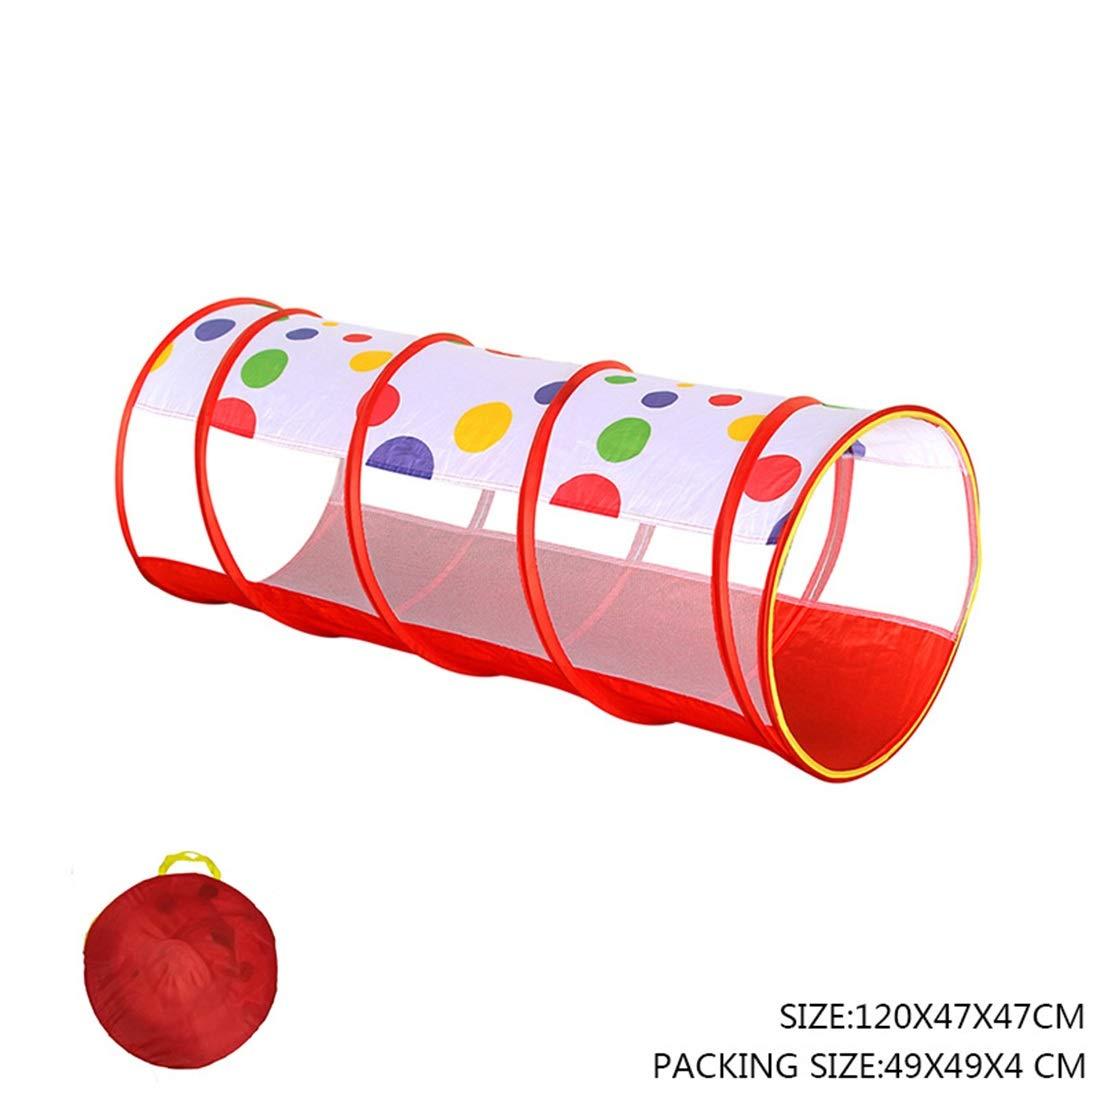 Nekovan 子供のテントのトンネル折りたたみポータブルマジック赤ちゃんのおもちゃの部屋ドリルホールチューブクライミングチューブ B07R7H92YQ レッド、日光クロールトンネル (色 : レッド) レッド Nekovan B07R7H92YQ, あみのエーワン:390ee7c2 --- number-directory.top